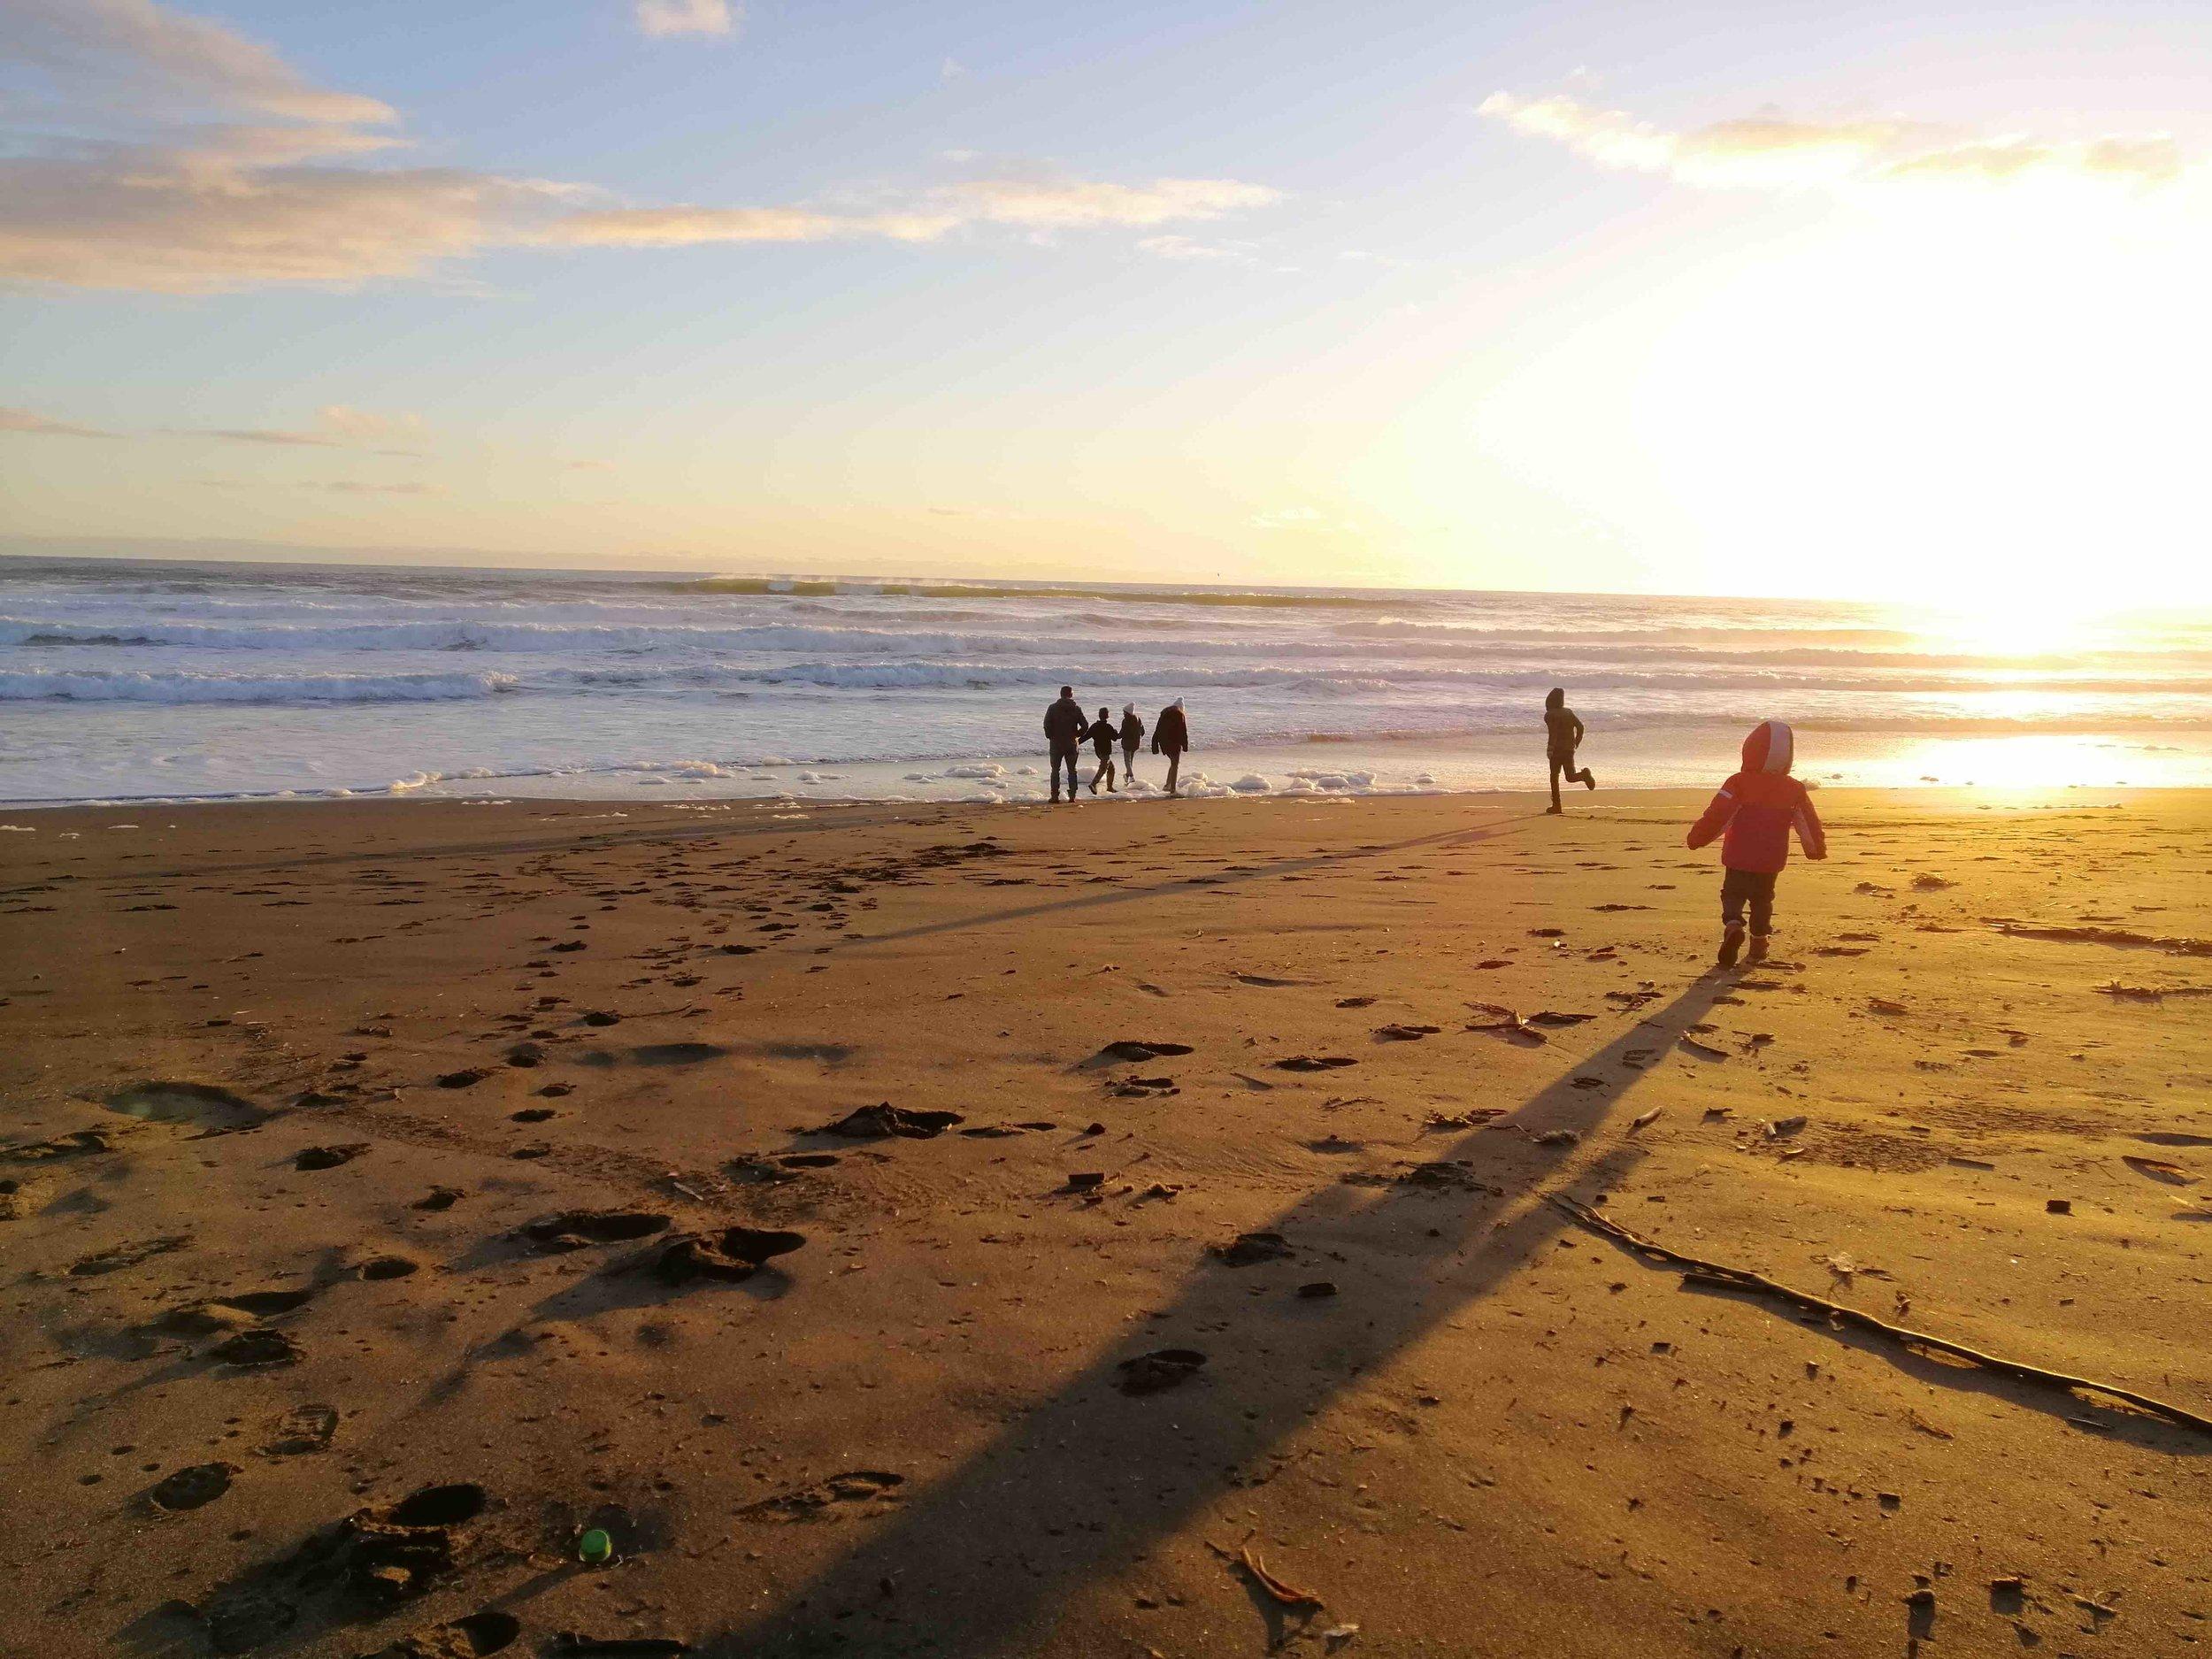 La playa Curiñanco - Es un espectáculo todas las estaciones del año.